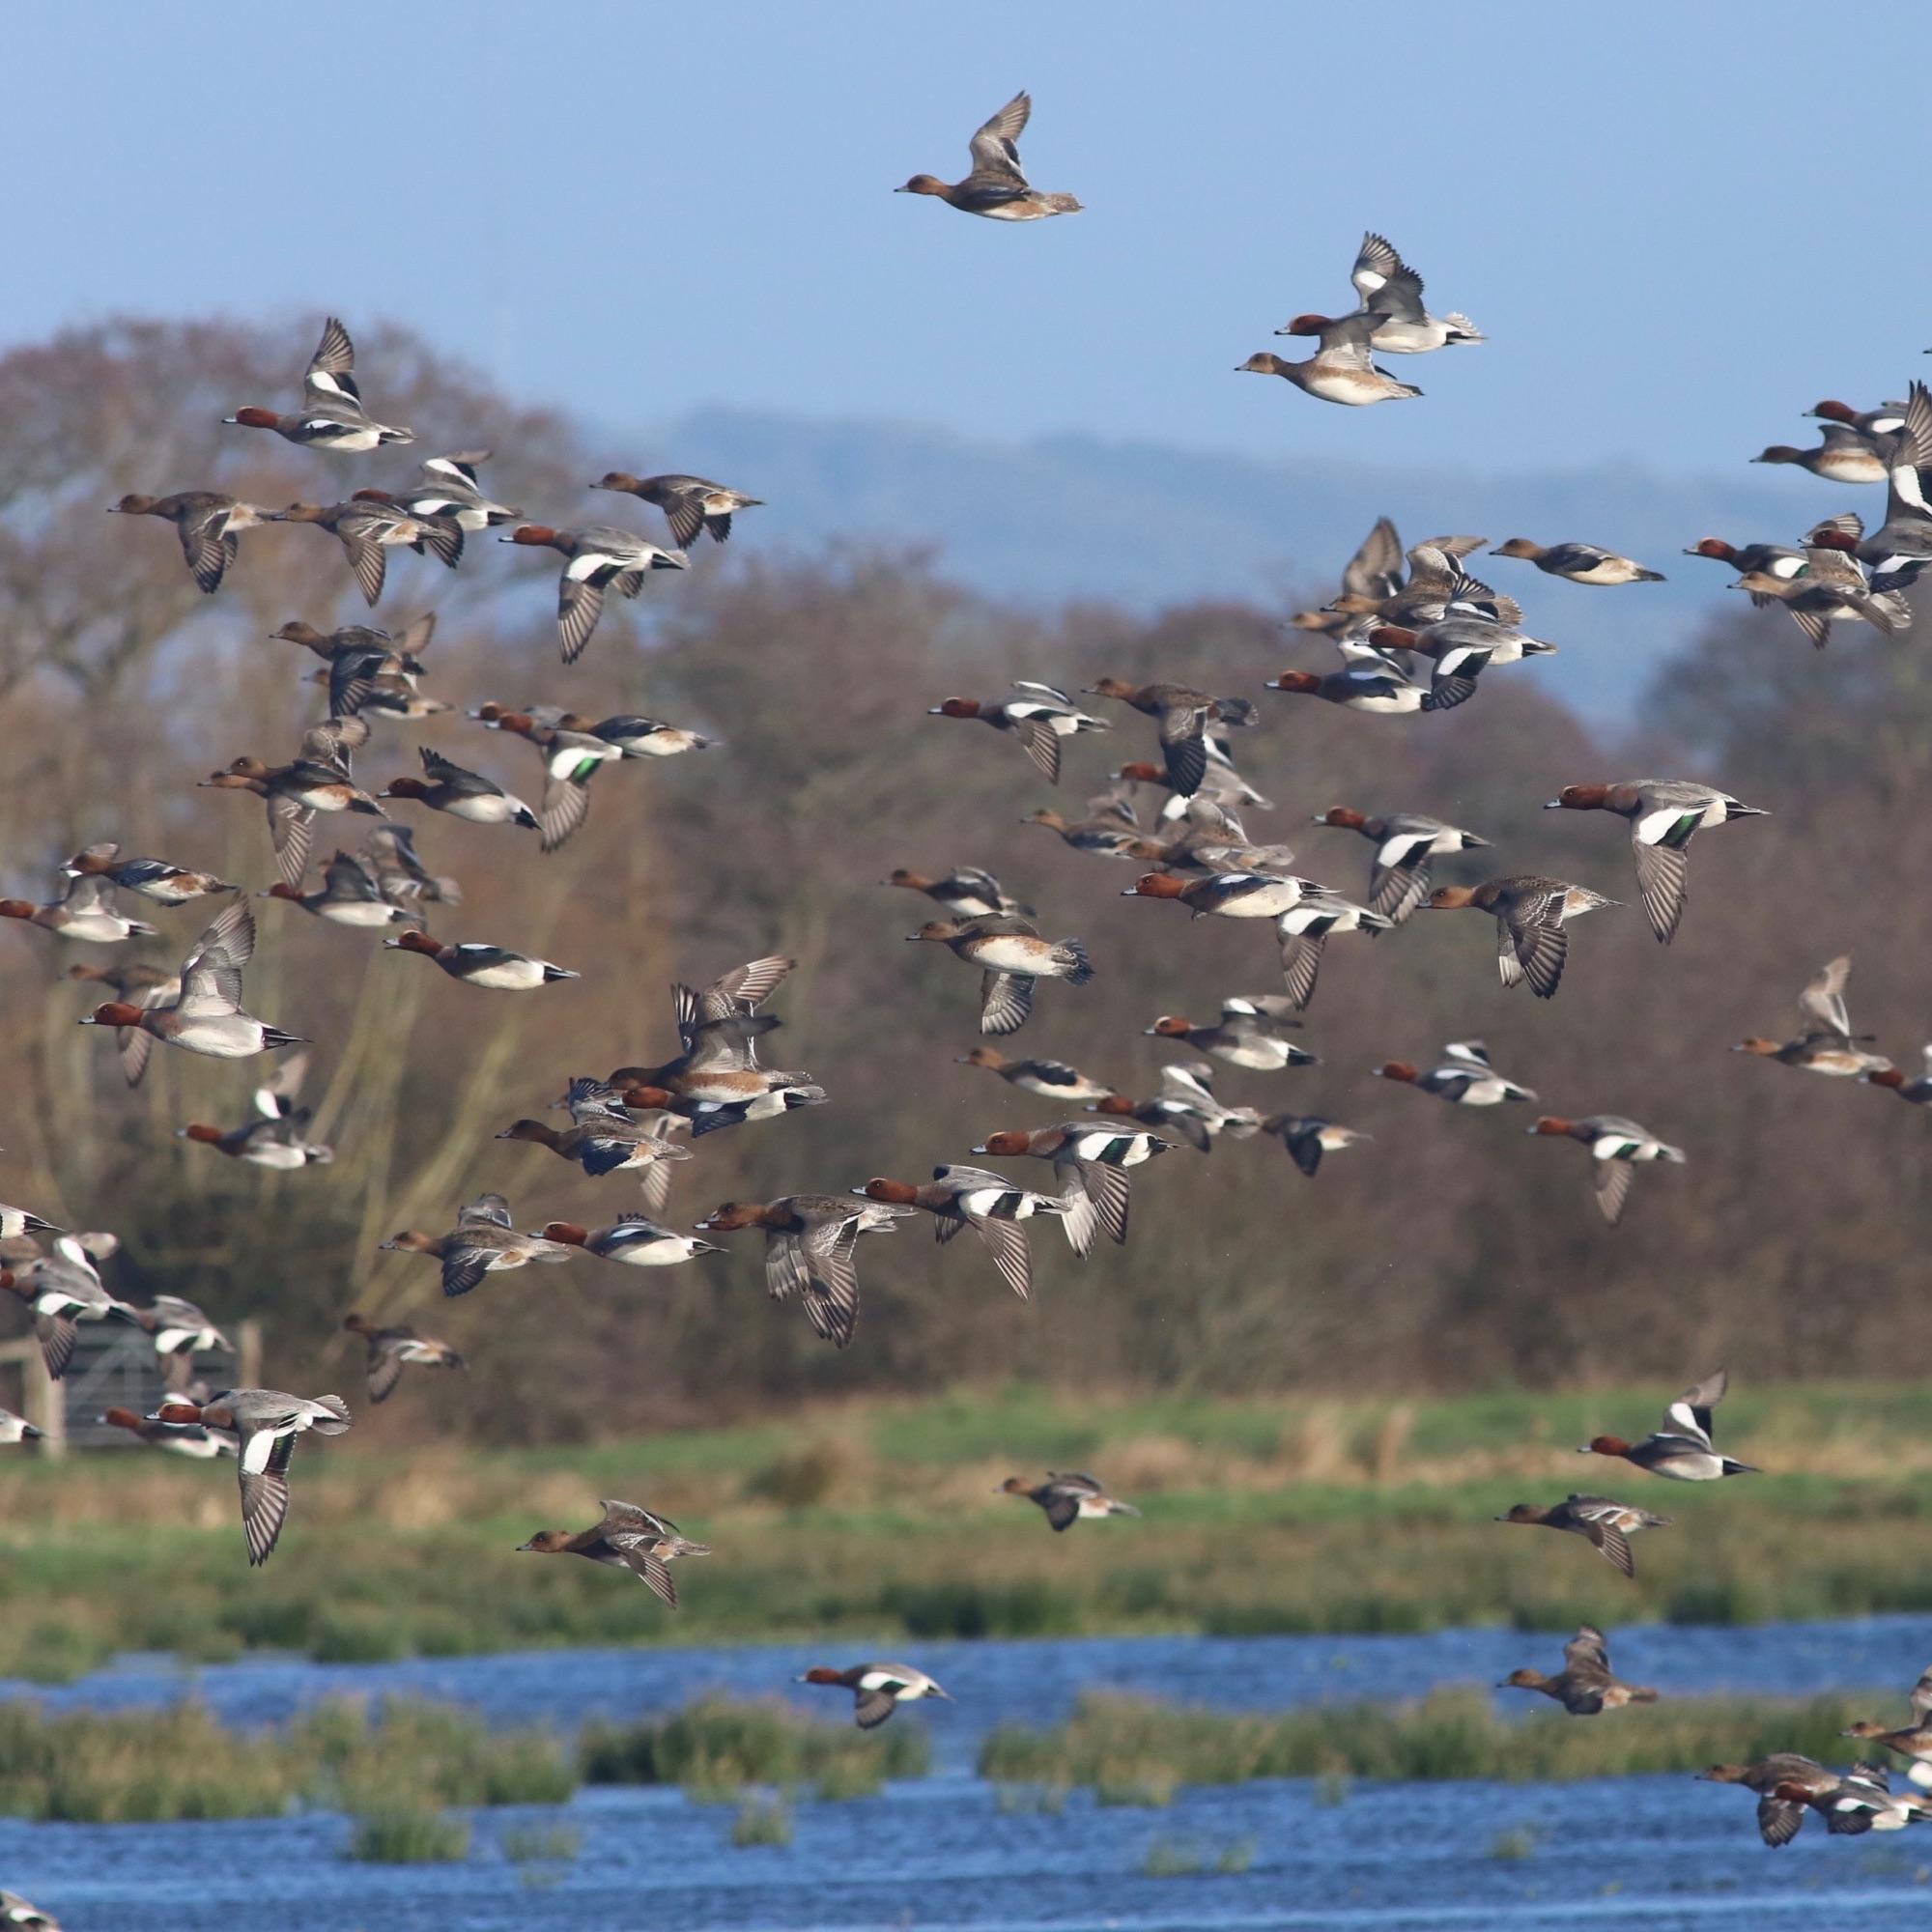 view from Catcott hide Jan 19